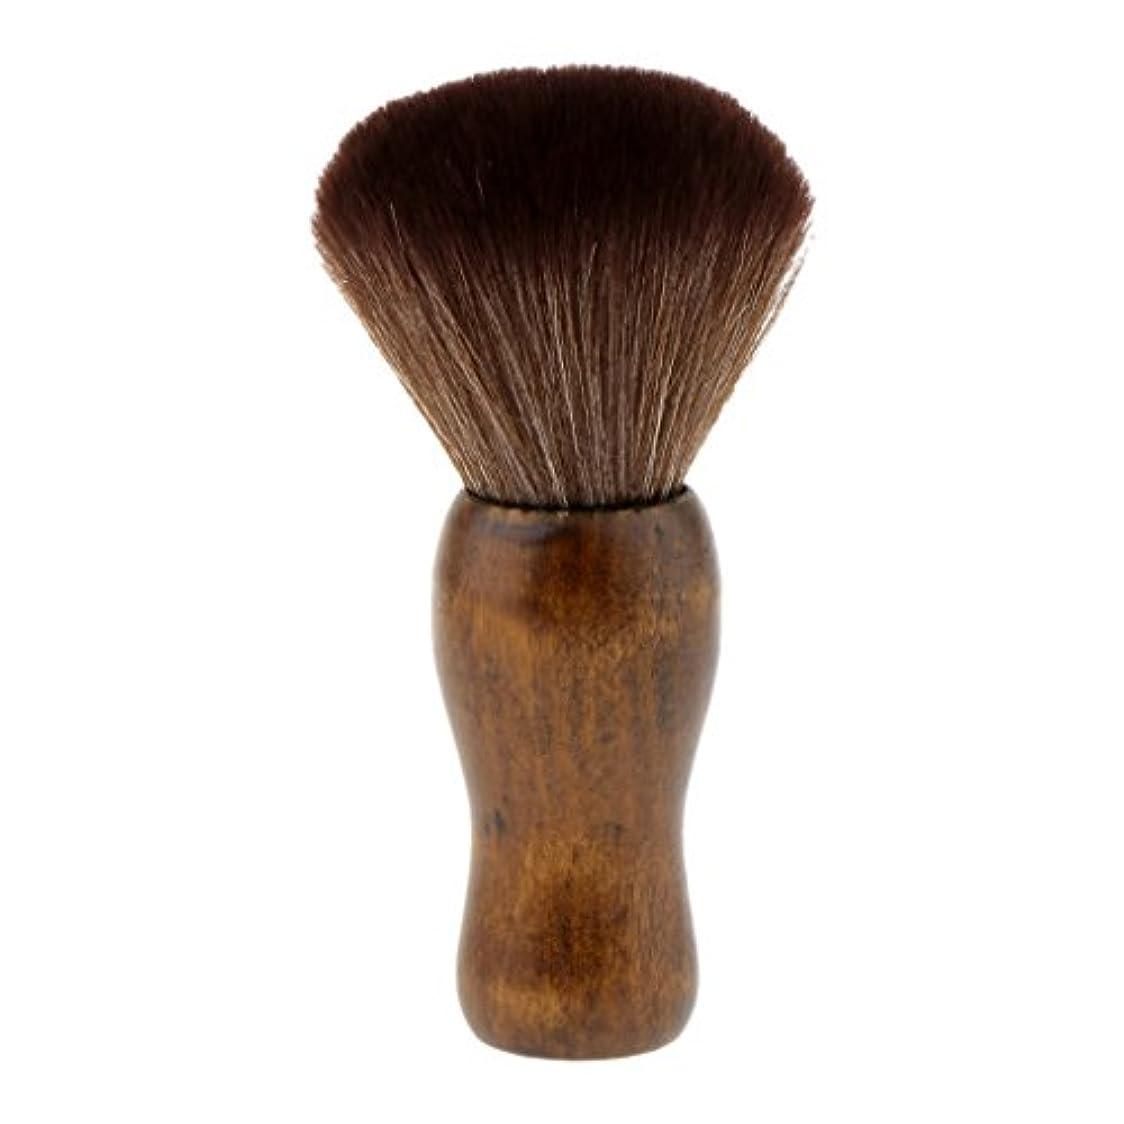 嫉妬何でもなめらかシェービングブラシ シェービング 洗顔 ブラシ メイクブラシ ソフト 快適 シェービングツール 2色選べる - 褐色